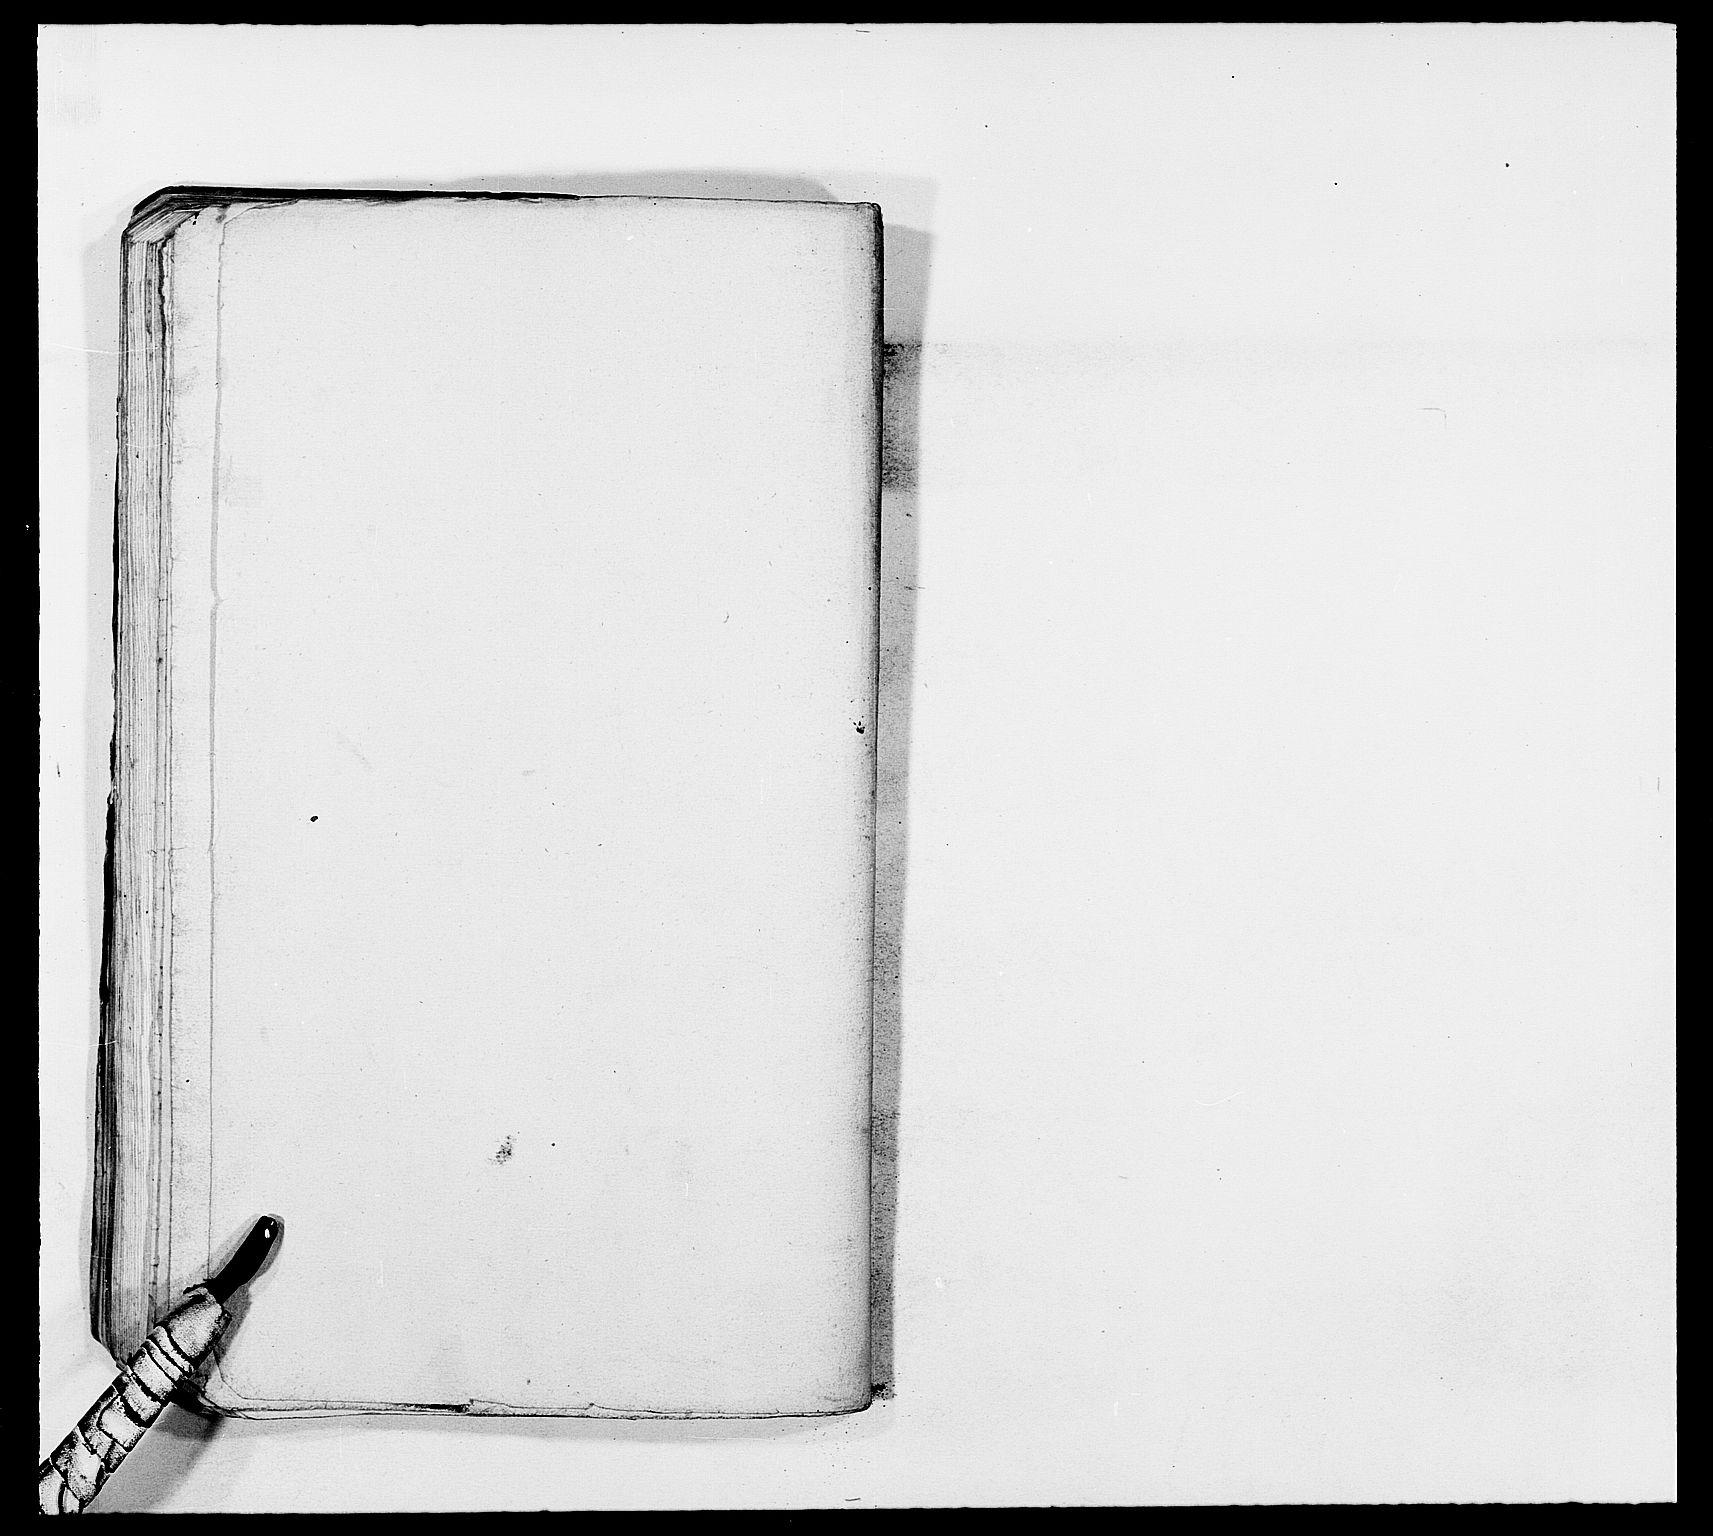 RA, Rentekammeret inntil 1814, Reviderte regnskaper, Fogderegnskap, R02/L0103: Fogderegnskap Moss og Verne kloster, 1682-1684, s. 362